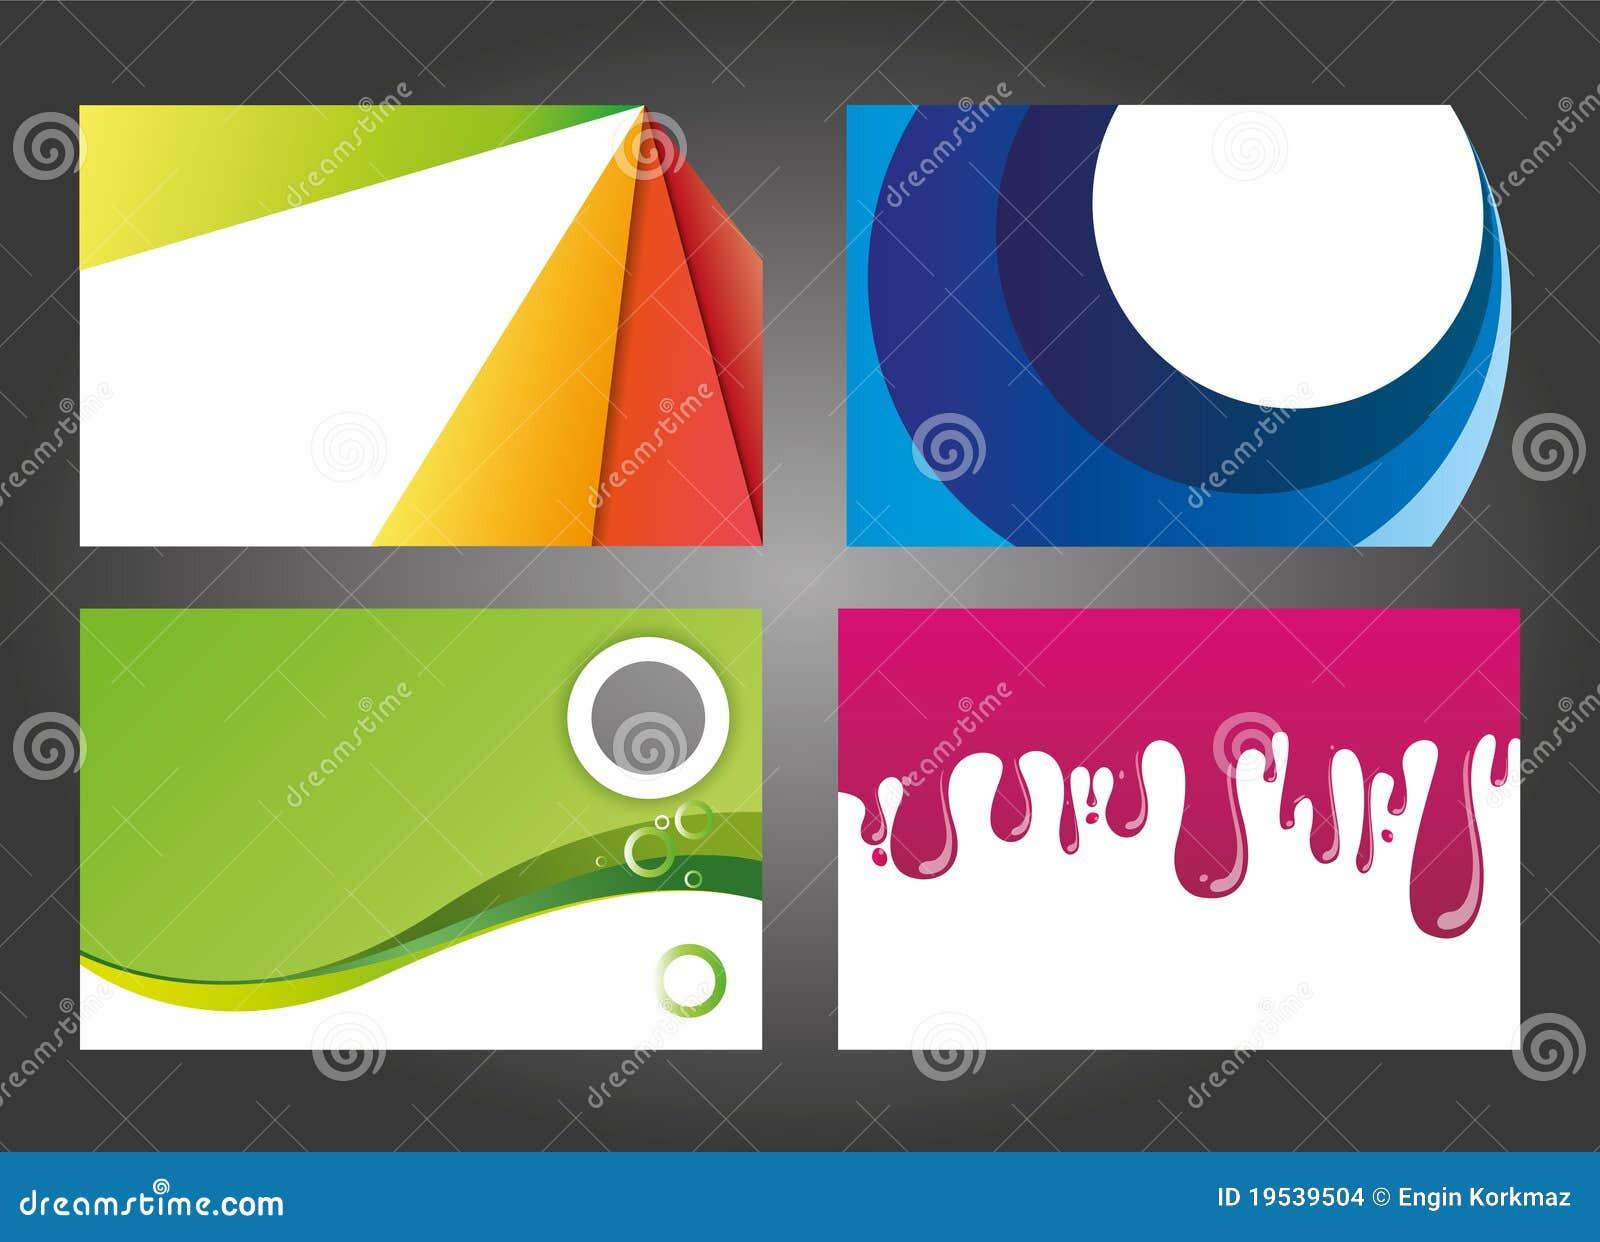 Disegni moderni e variopinti del biglietto da visita for Disegni duplex moderni